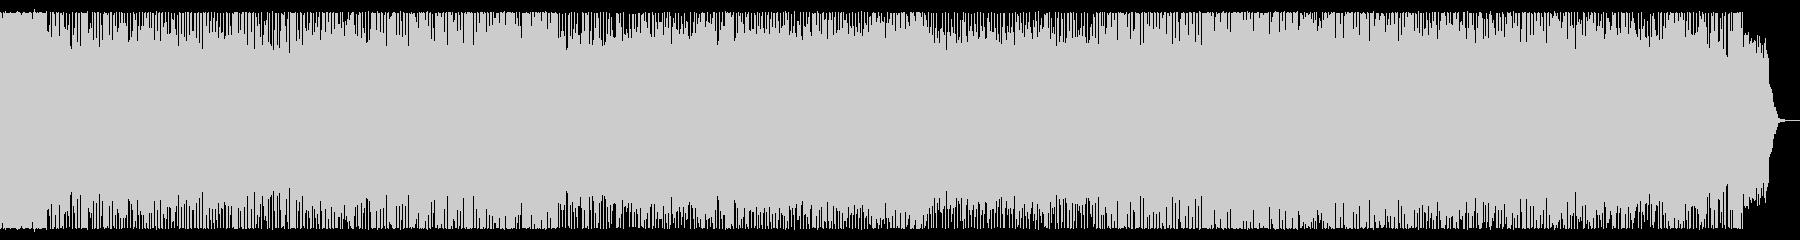 バトル向け速弾きネオクラシカル・メタル の未再生の波形